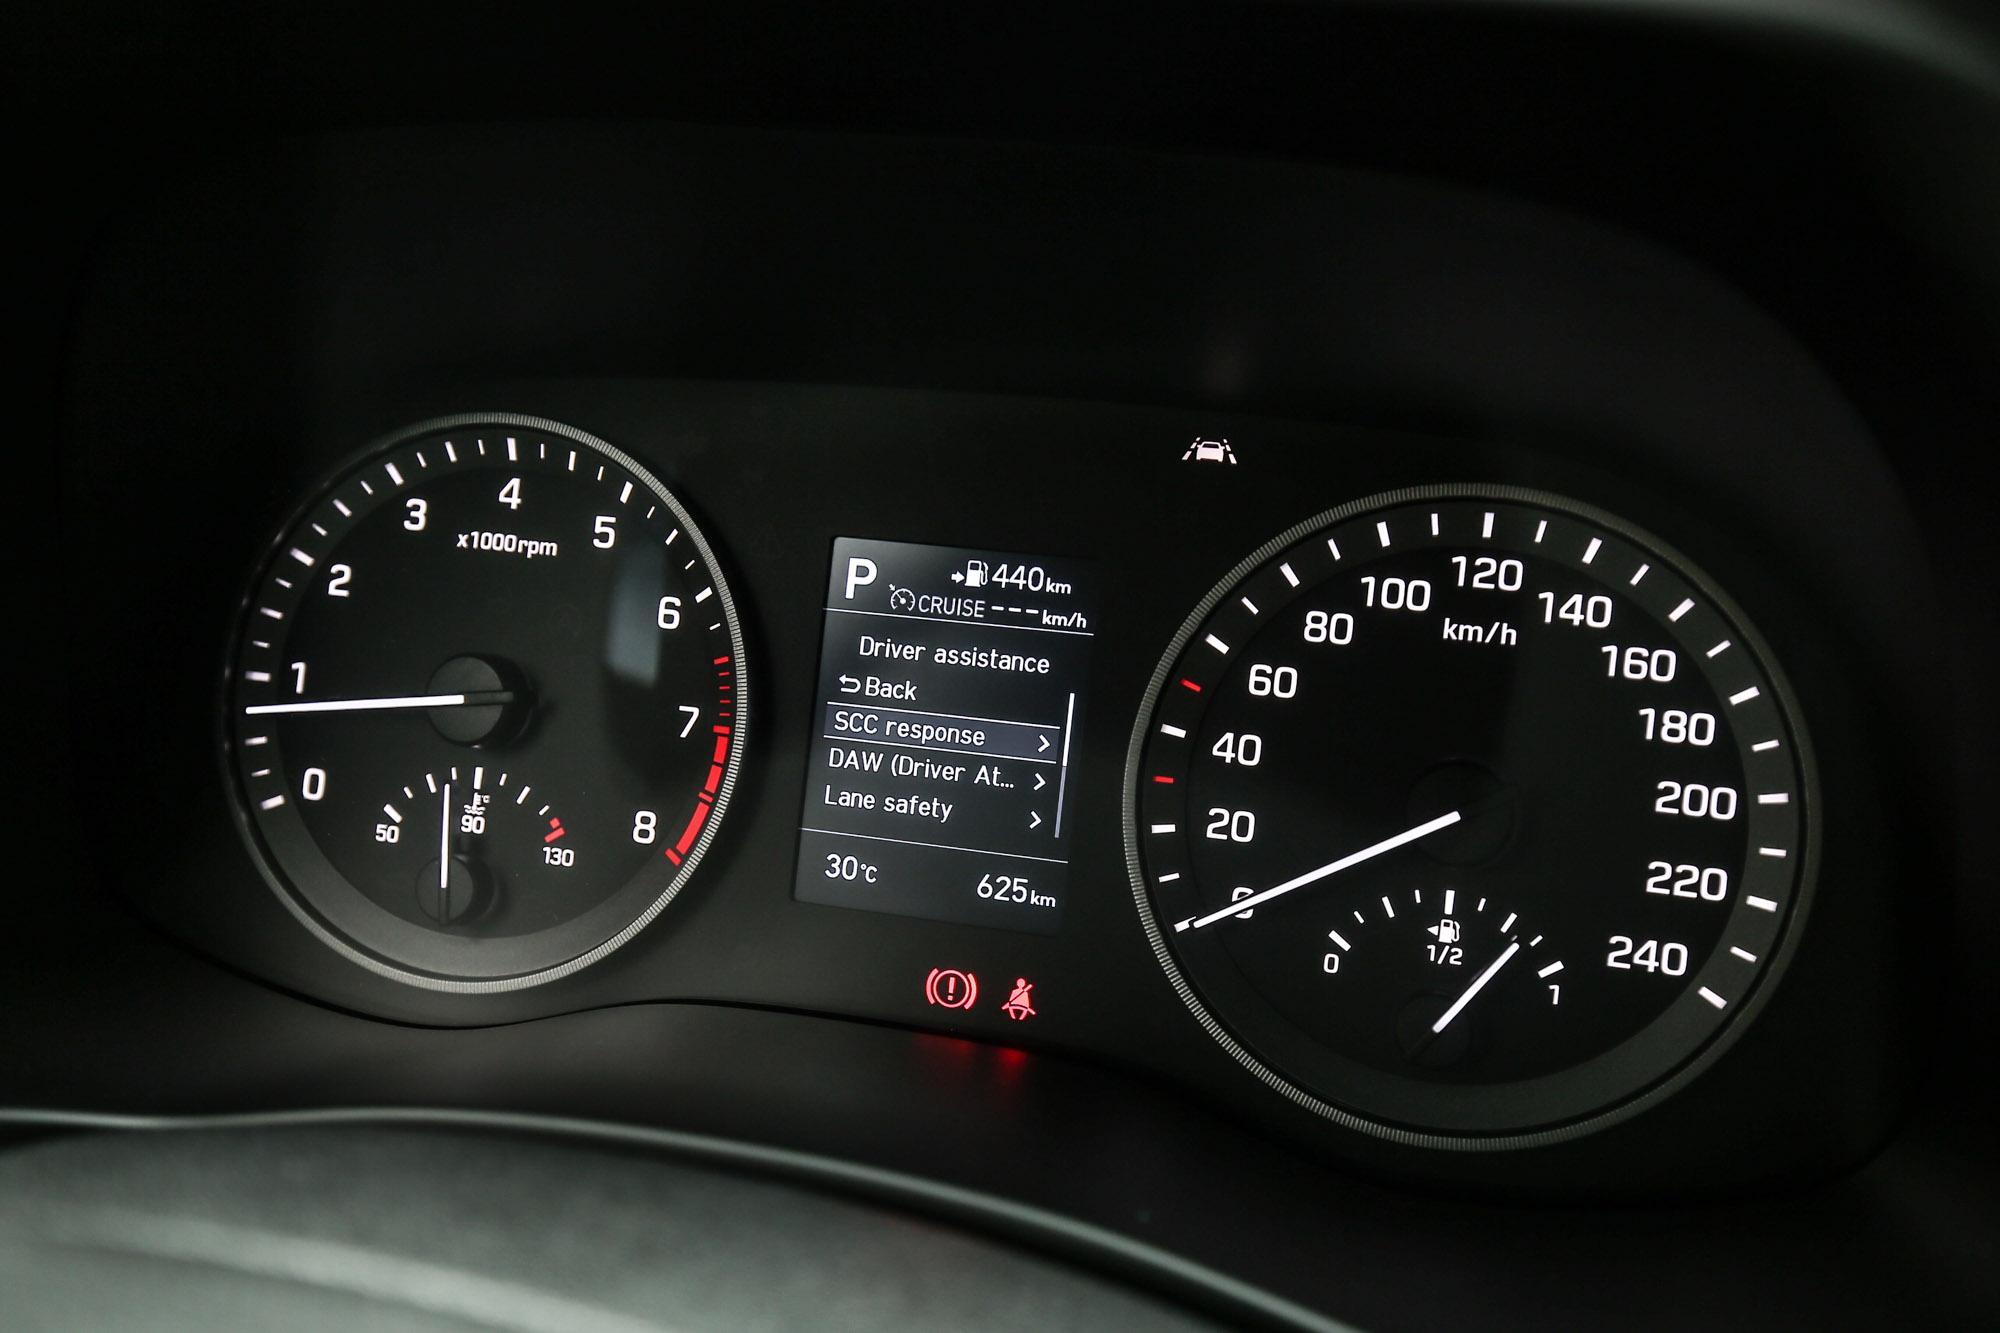 尊爵車型以下的儀表板中央都配備 3.5 吋單色資訊螢幕,旗艦車型以上才換上 4.2 吋全彩螢幕規格。